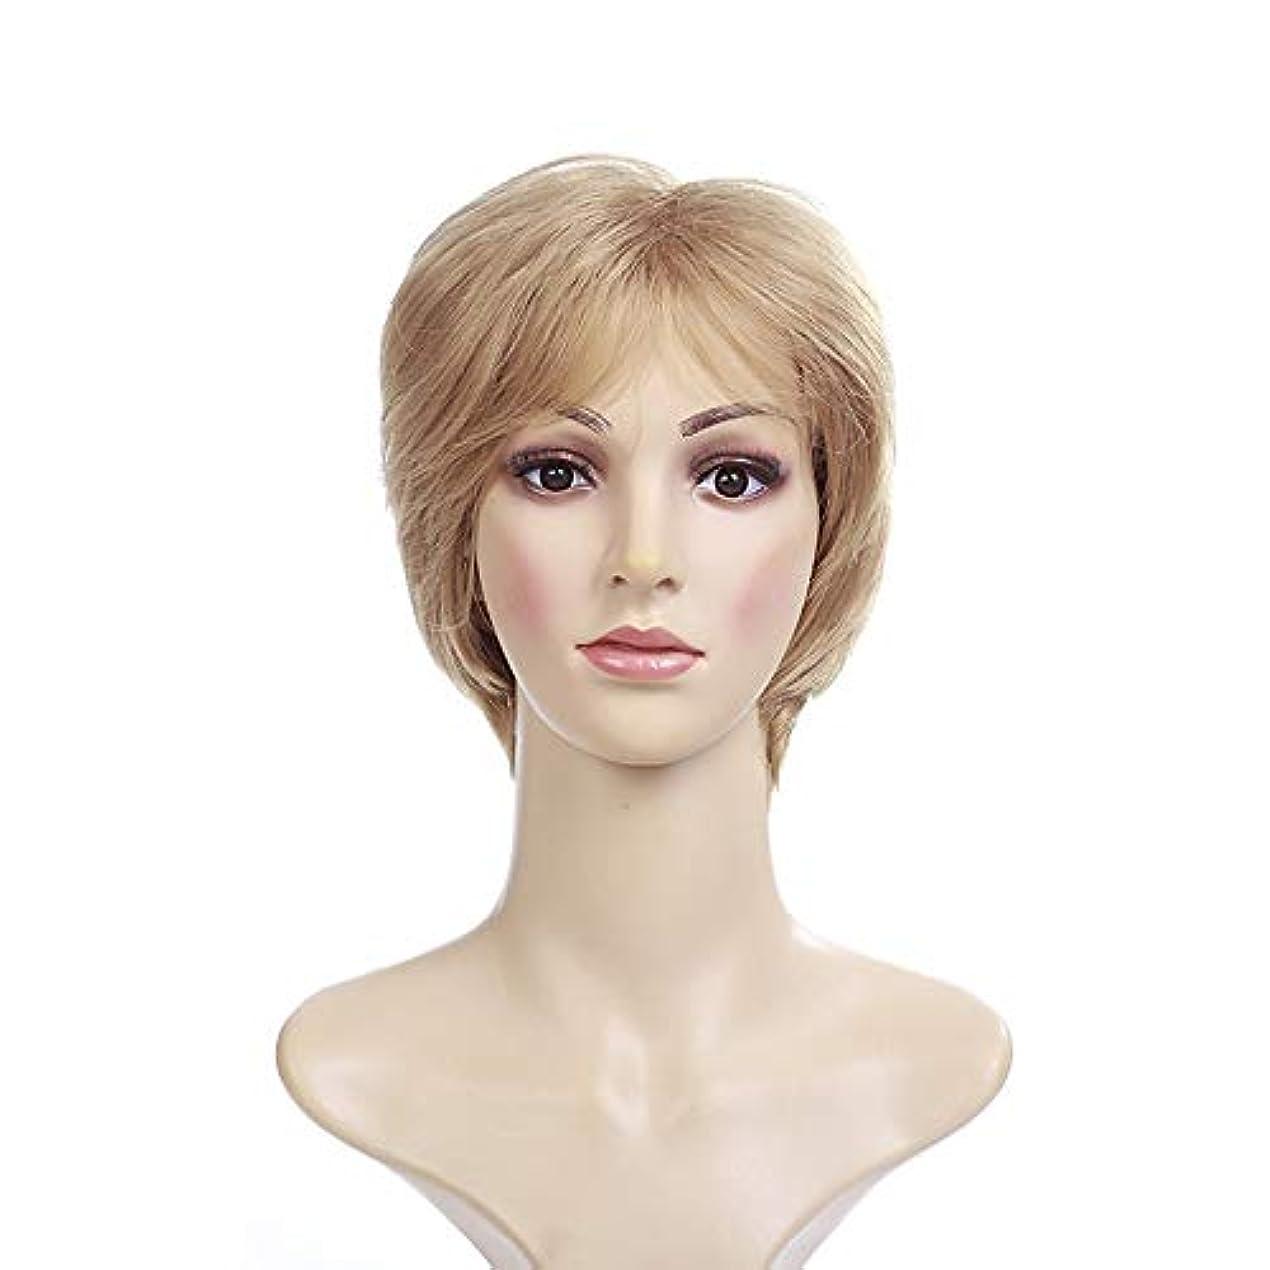 共和党調べるクレーンWASAIO 合成ショートストレートブロンドウィッグ (色 : Blonde)